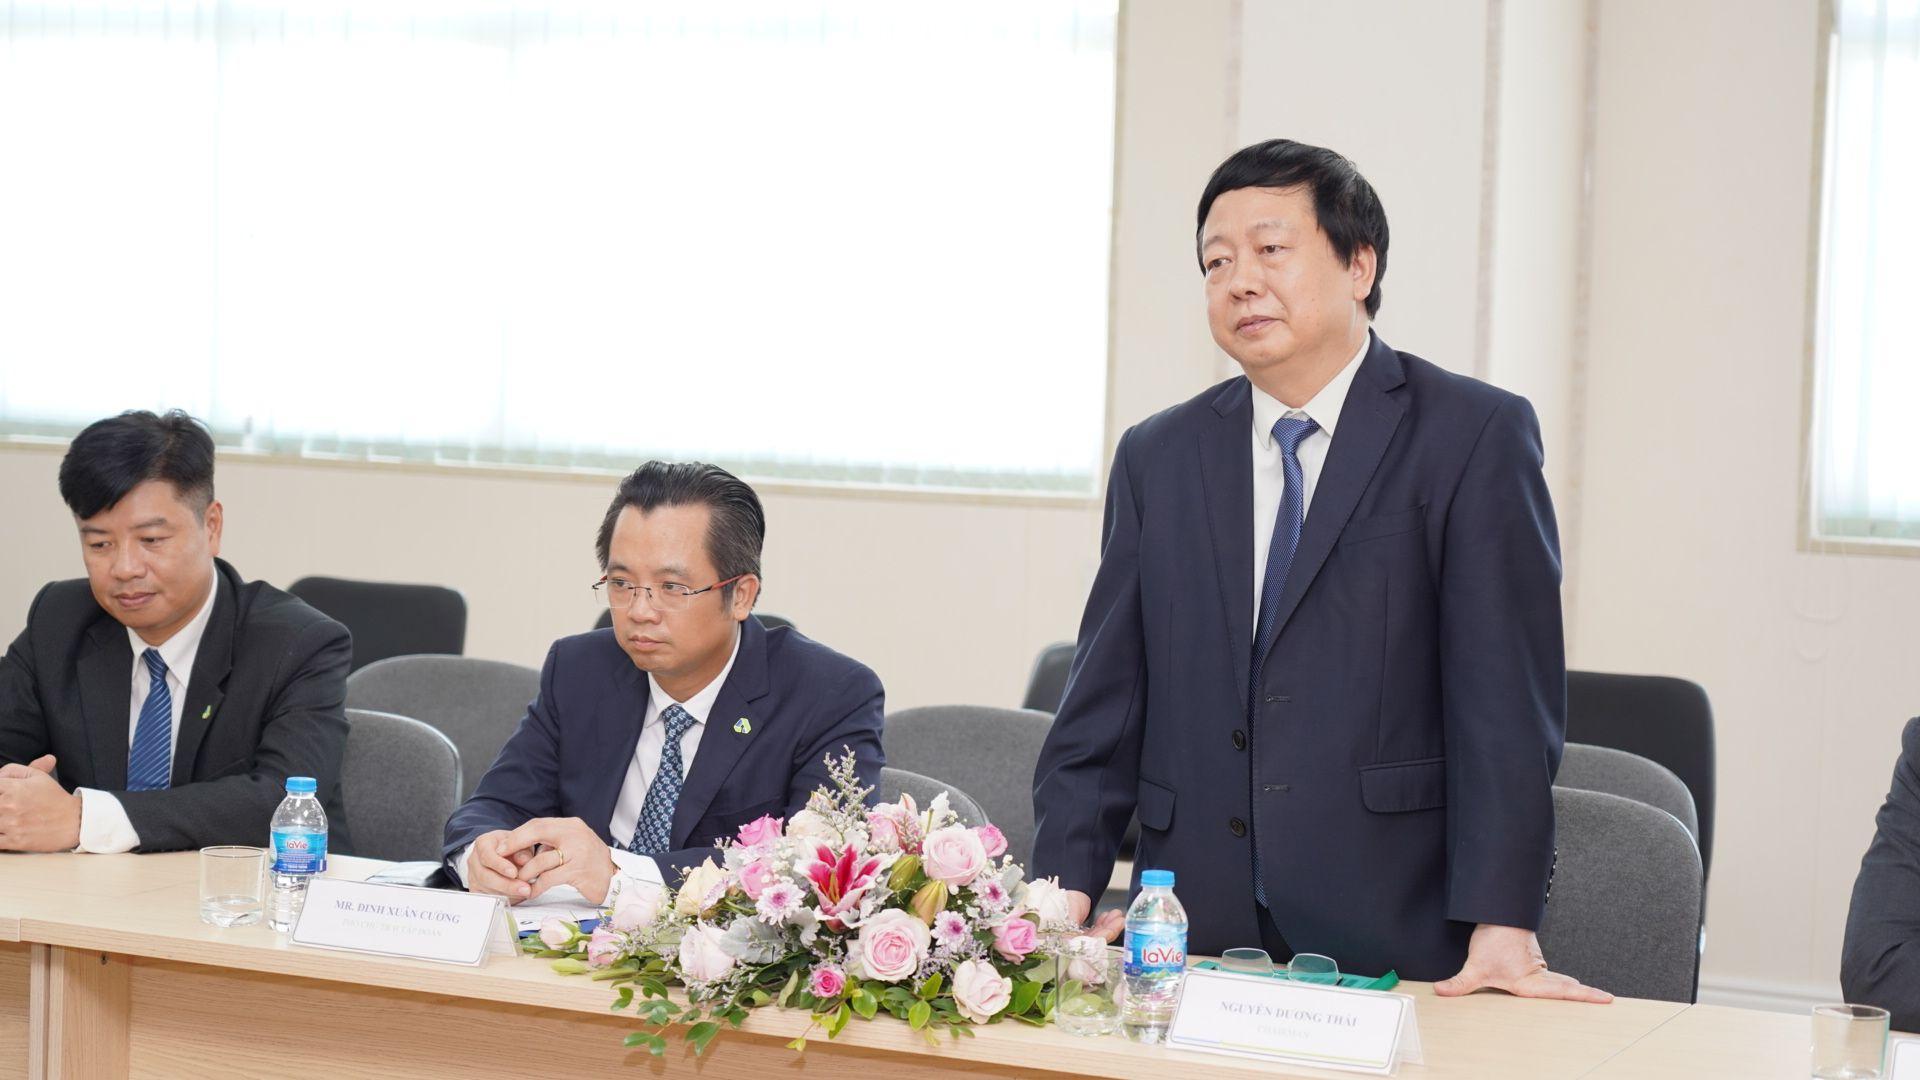 Ông Nguyễn Dương Thái – Chủ tịch UBND tỉnh Hải Dương phát biểu tại Lễ tổng kết chương trình Tư vấn cải tiến của Bộ Công thương và Samsung Việt Nam